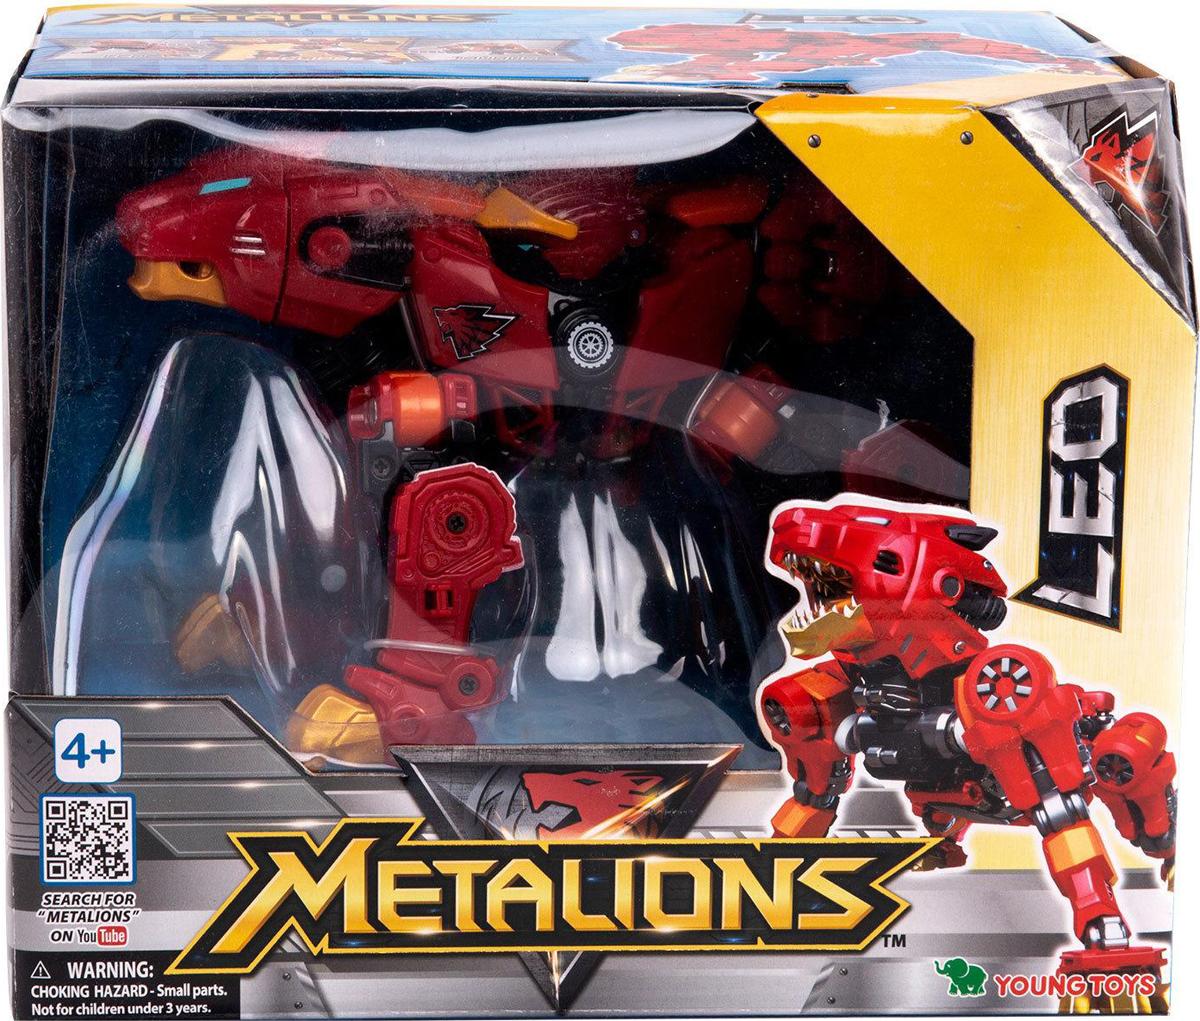 Трансформер Metalions Лео, 314028314028Металионс Лео–игрушка, выполненная по мотивам мультсериала Металионс. Данный герой-дружелюбный. Открытый всему новому, предводитель воинов-тяжелая артилерия.Игрушка развивает логическое мышление, а благодаря дополнительным элементам позволяет разнообразить любую игру. Трансформер изготовлен из ударопрочного пластика, все части имеют сглаженные углы и покрыты нетоксичными красителями. Устойчива и не падает на ровной поверхности.